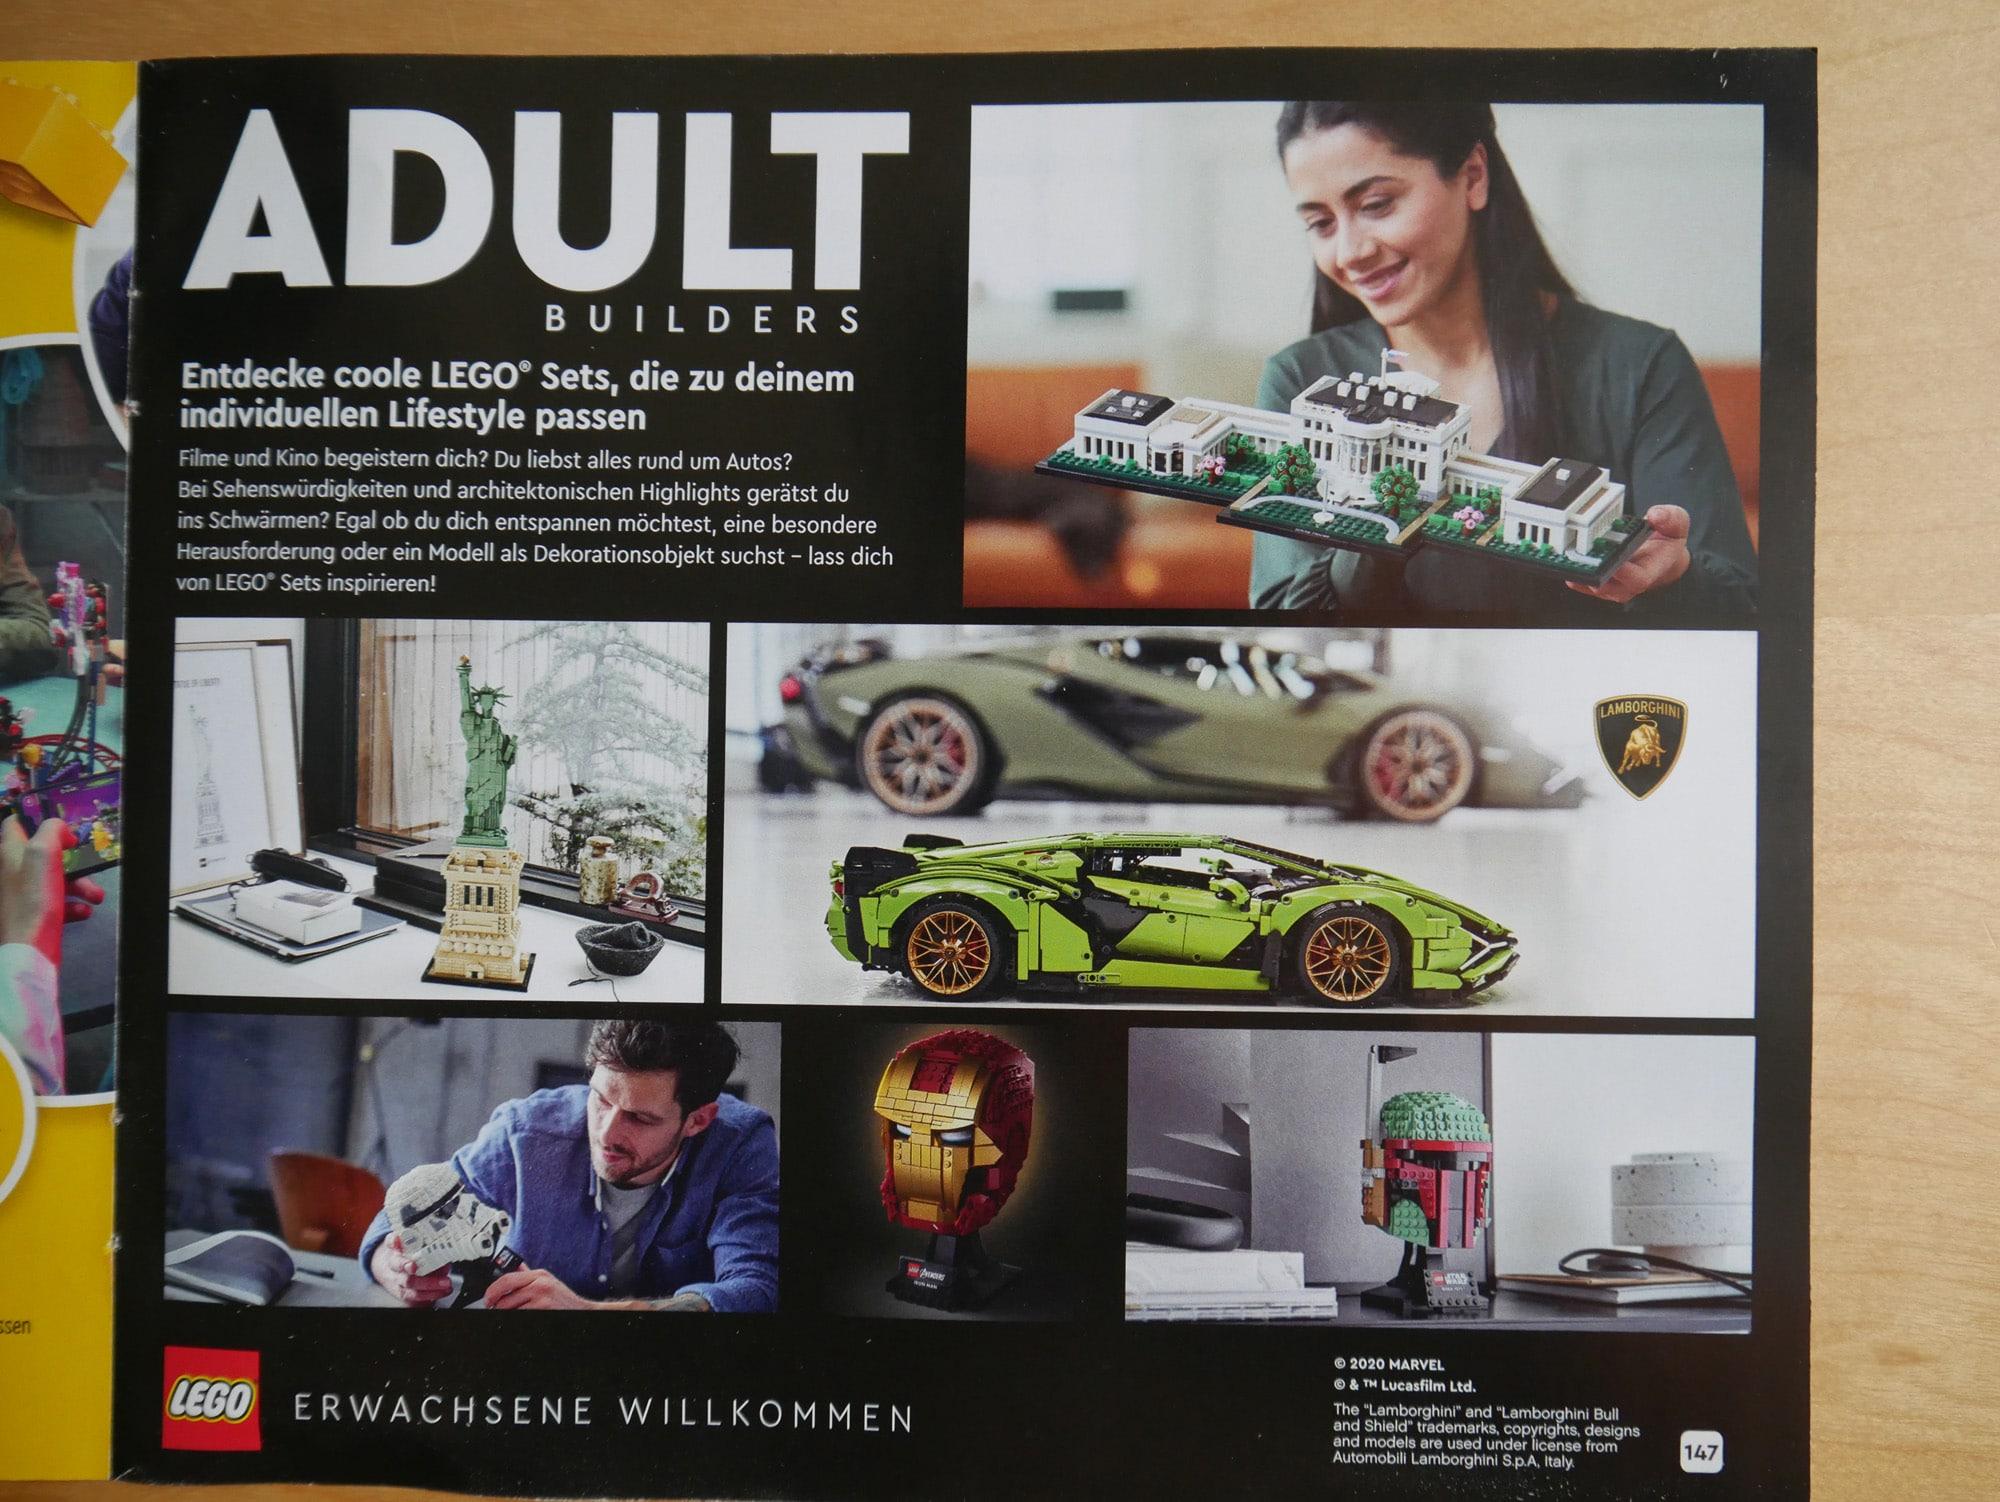 LEGO Adult Werbung LEGO Katalog